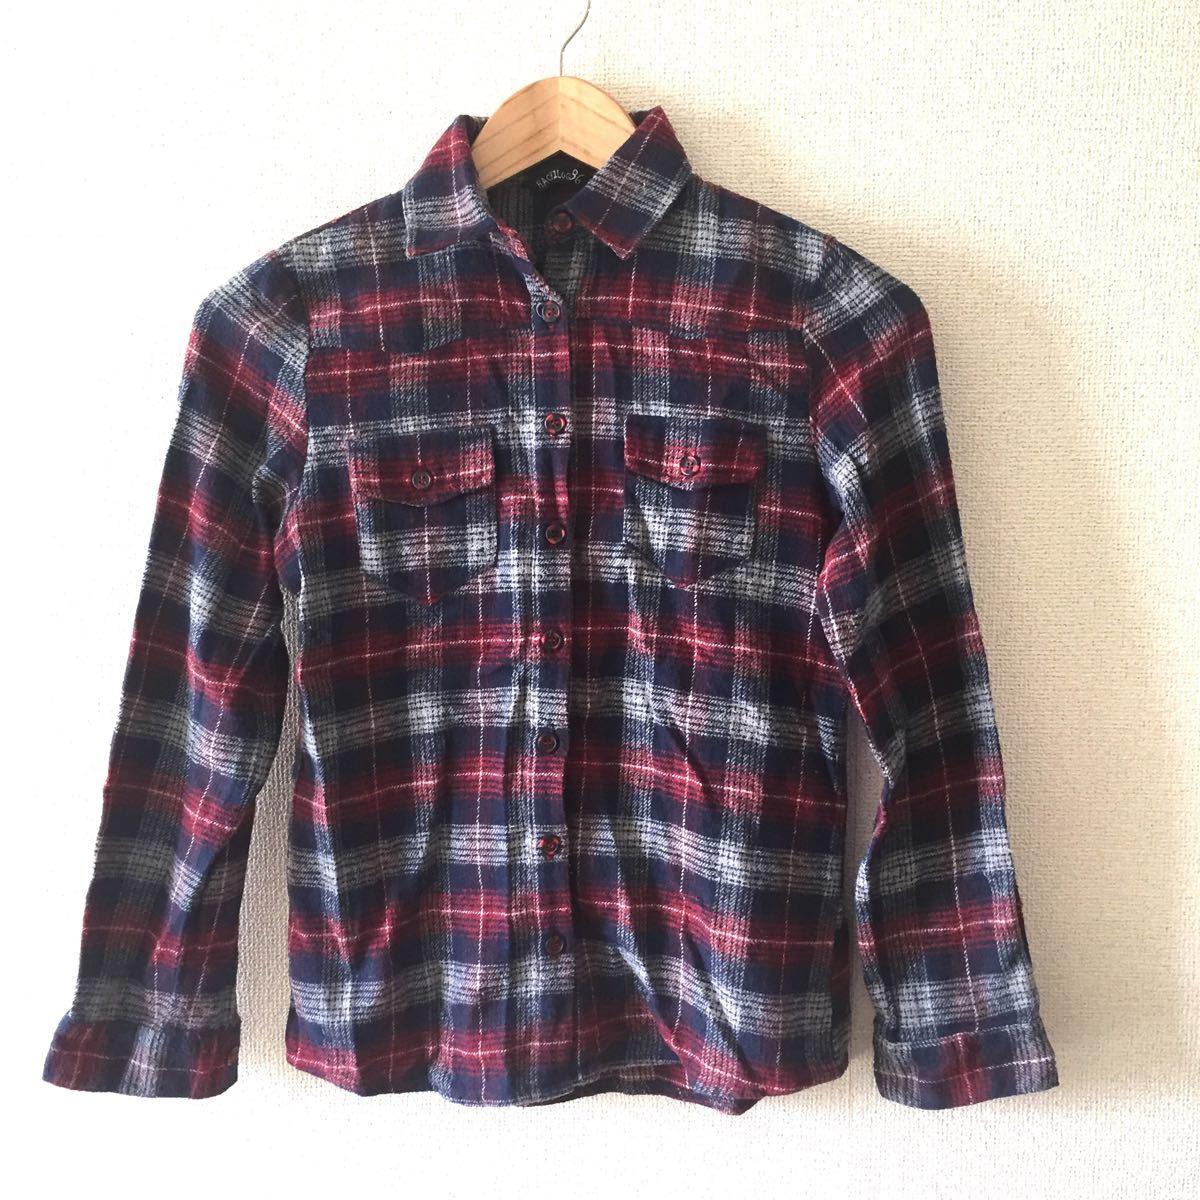 ネルシャツ チェック柄 長袖シャツ チェックシャツ